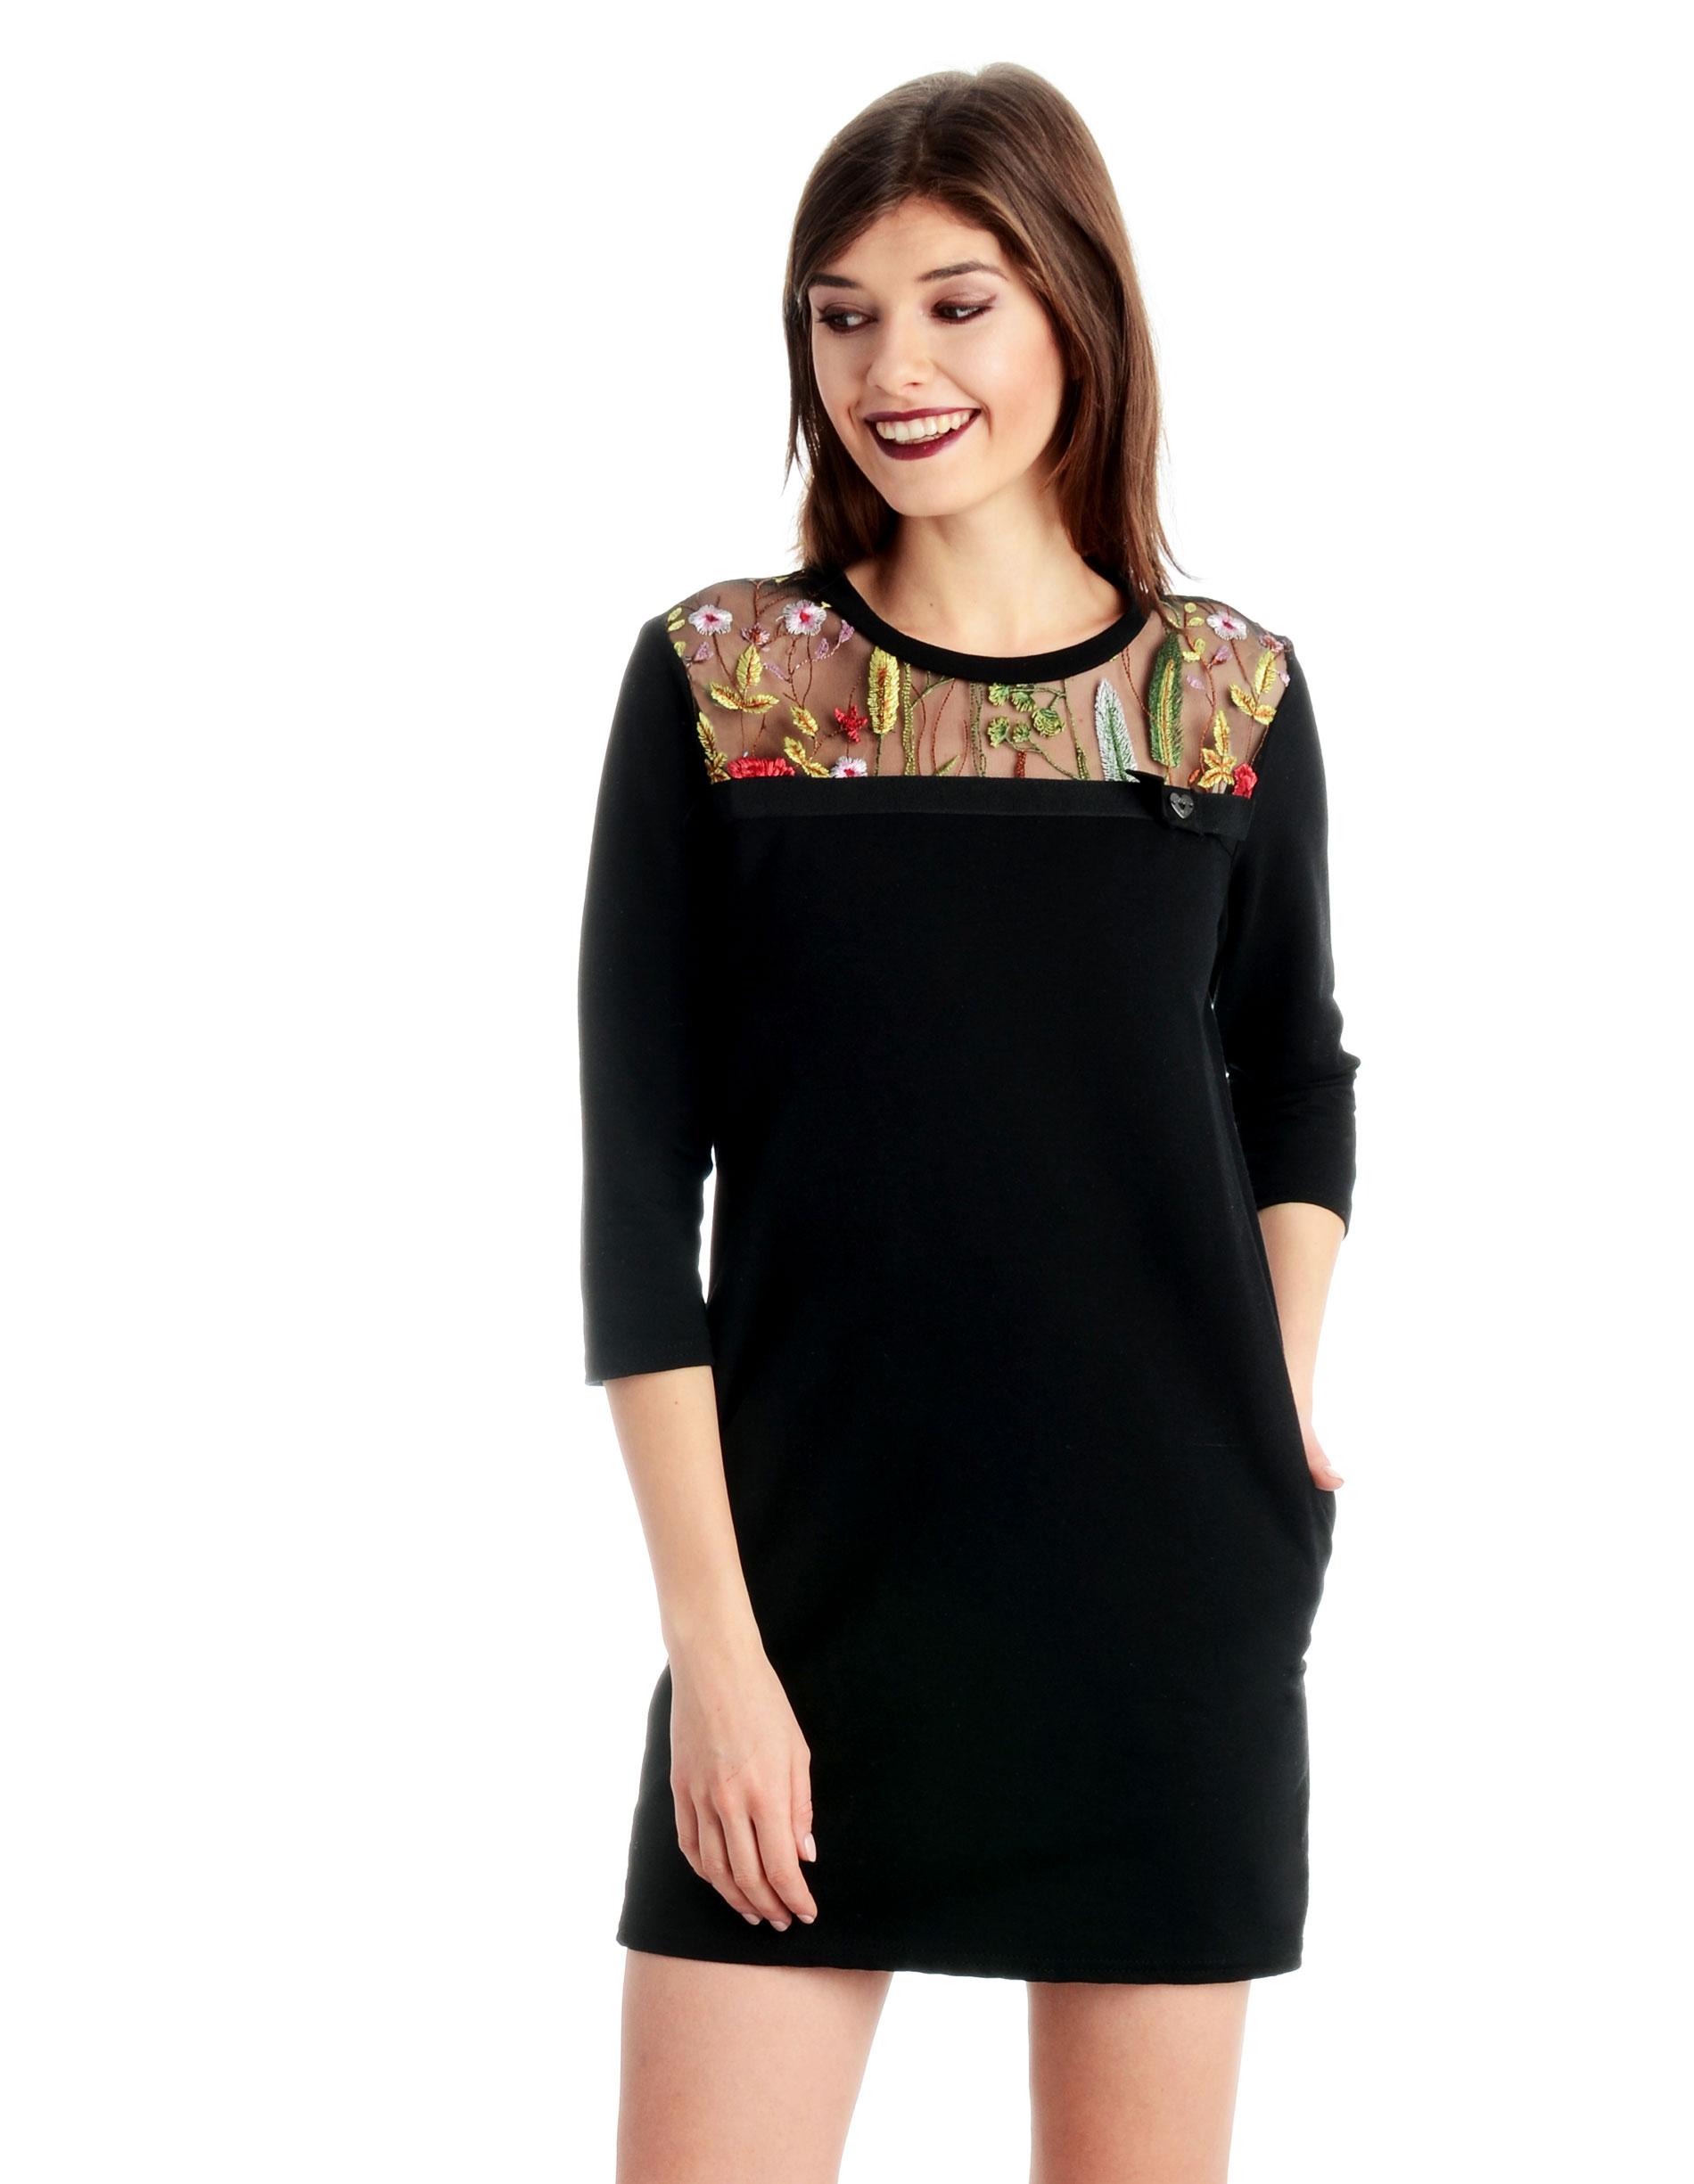 Sukienka - 90-7056 NERO - Unisono